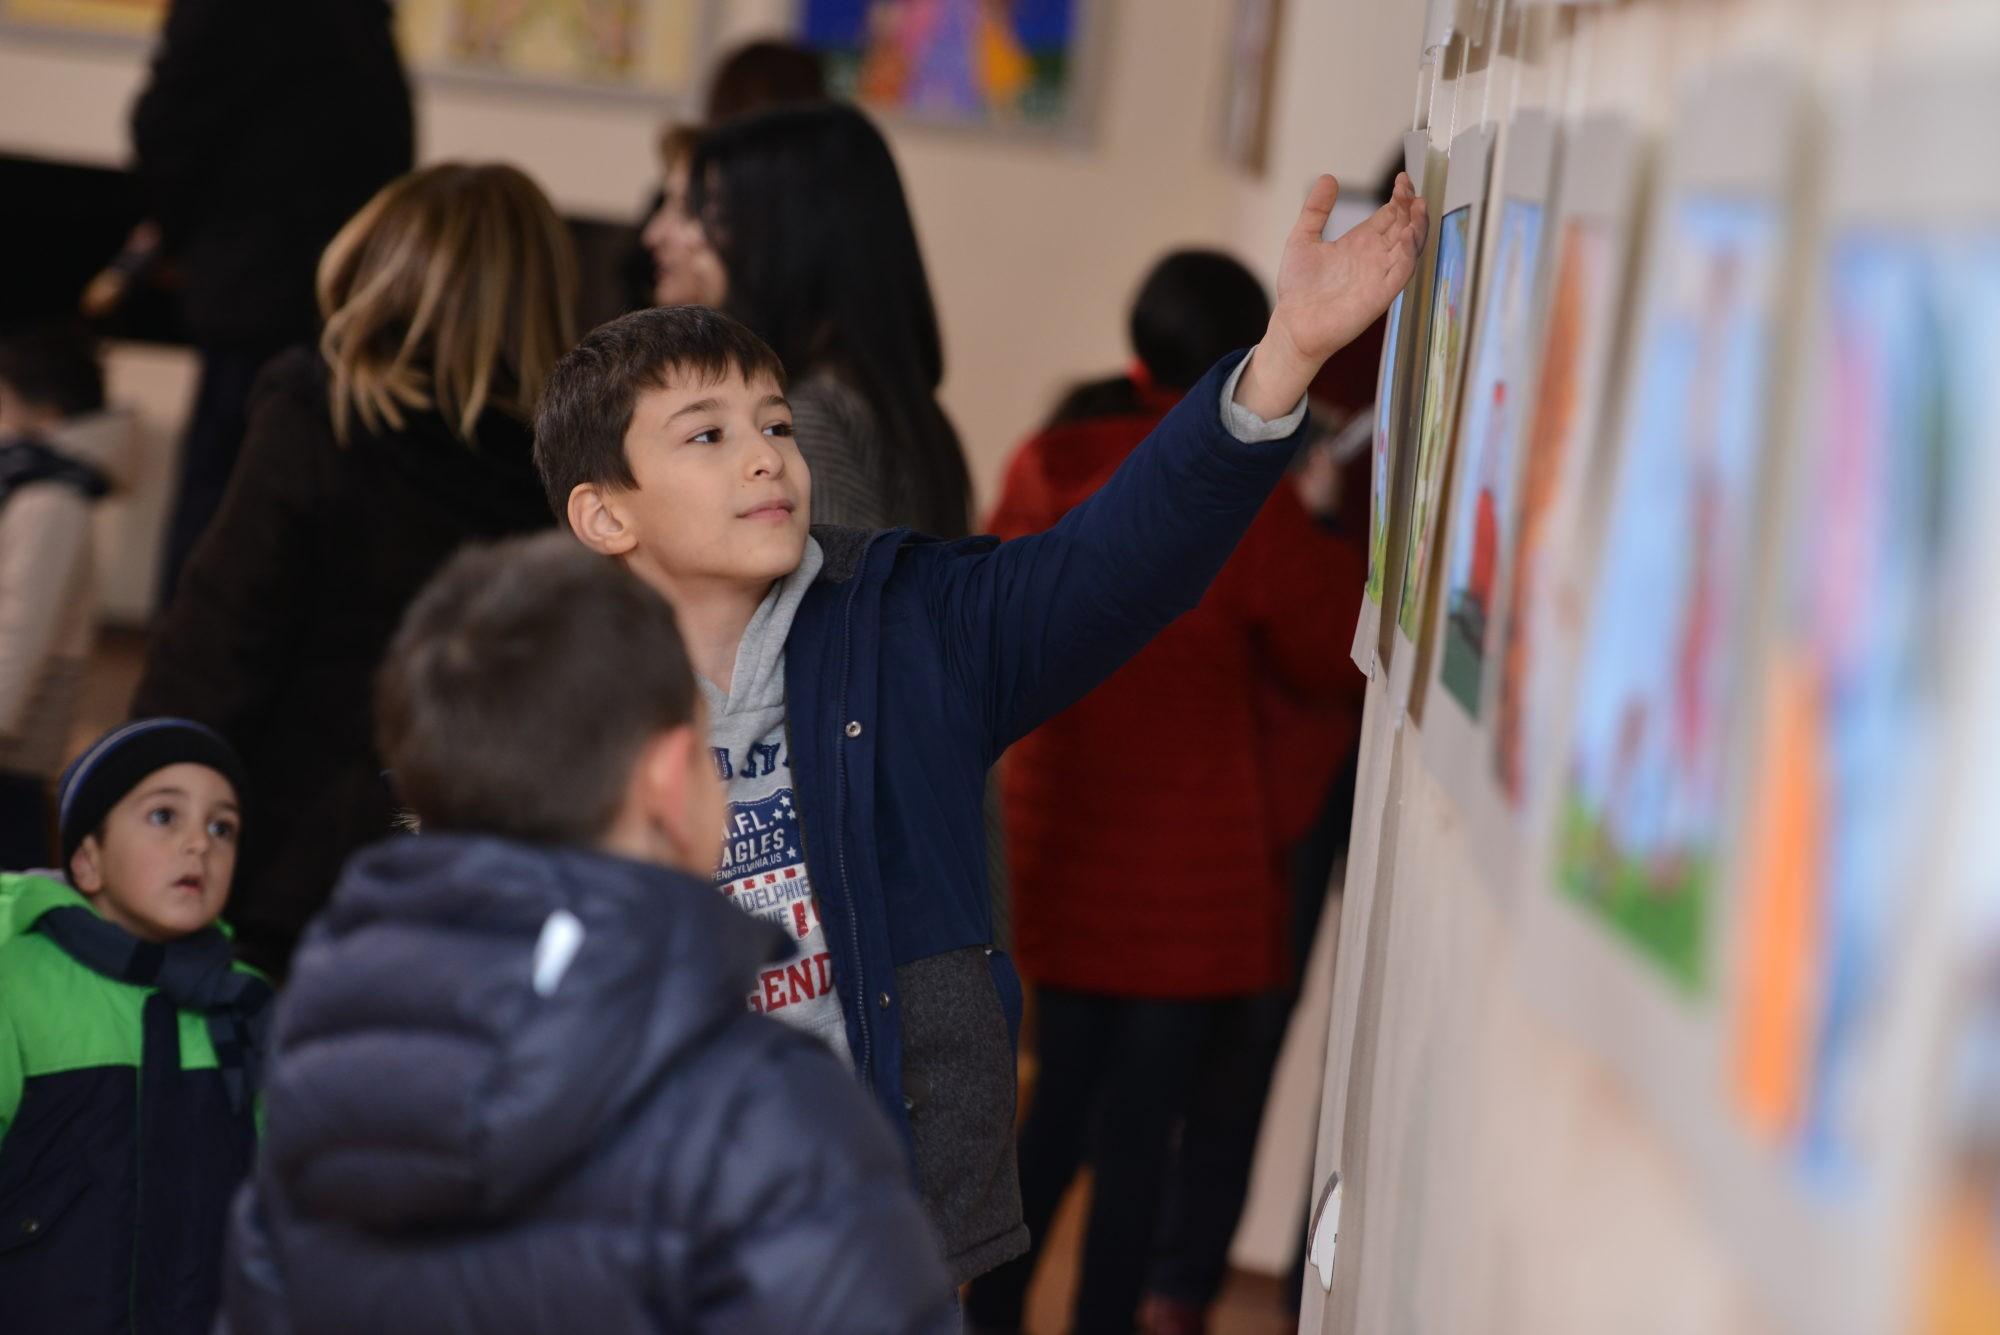 Торжественное открытие ежегодной отчетной выставки студентов «Художественной студии Даниелян» в Союзе художников Армении (VIDEO, PHOTO)